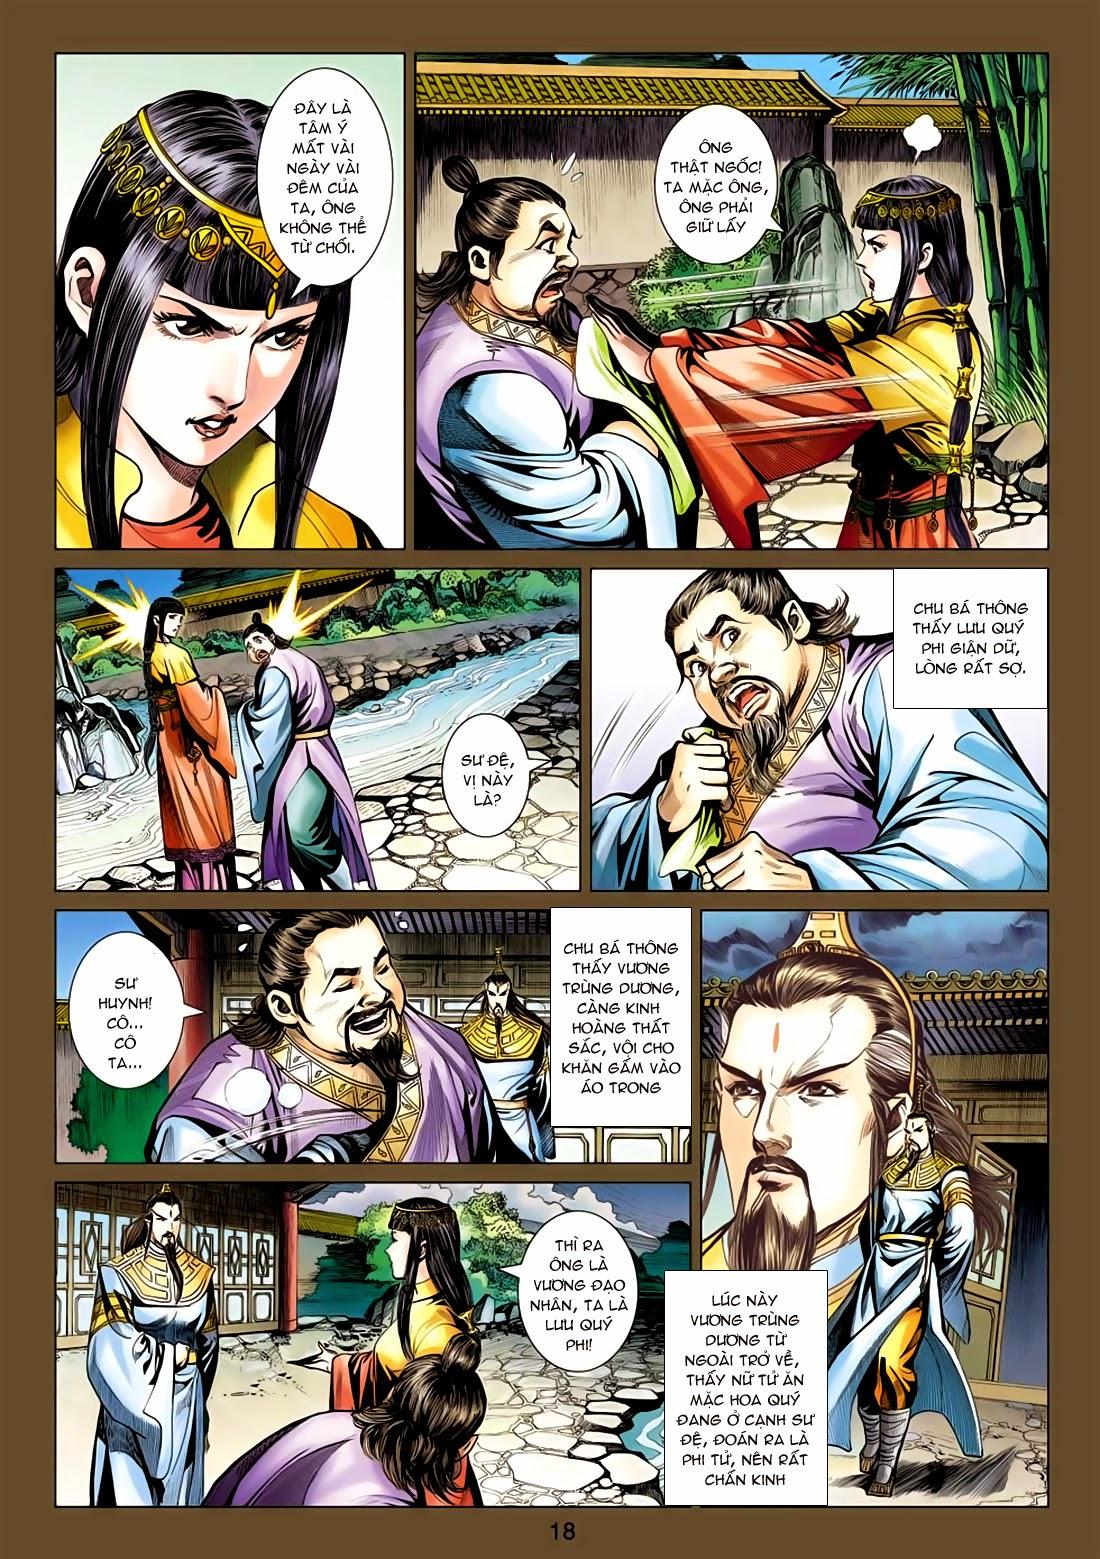 Anh Hùng Xạ Điêu anh hùng xạ đêu chap 77: thế thượng tối cường võ công trang 18